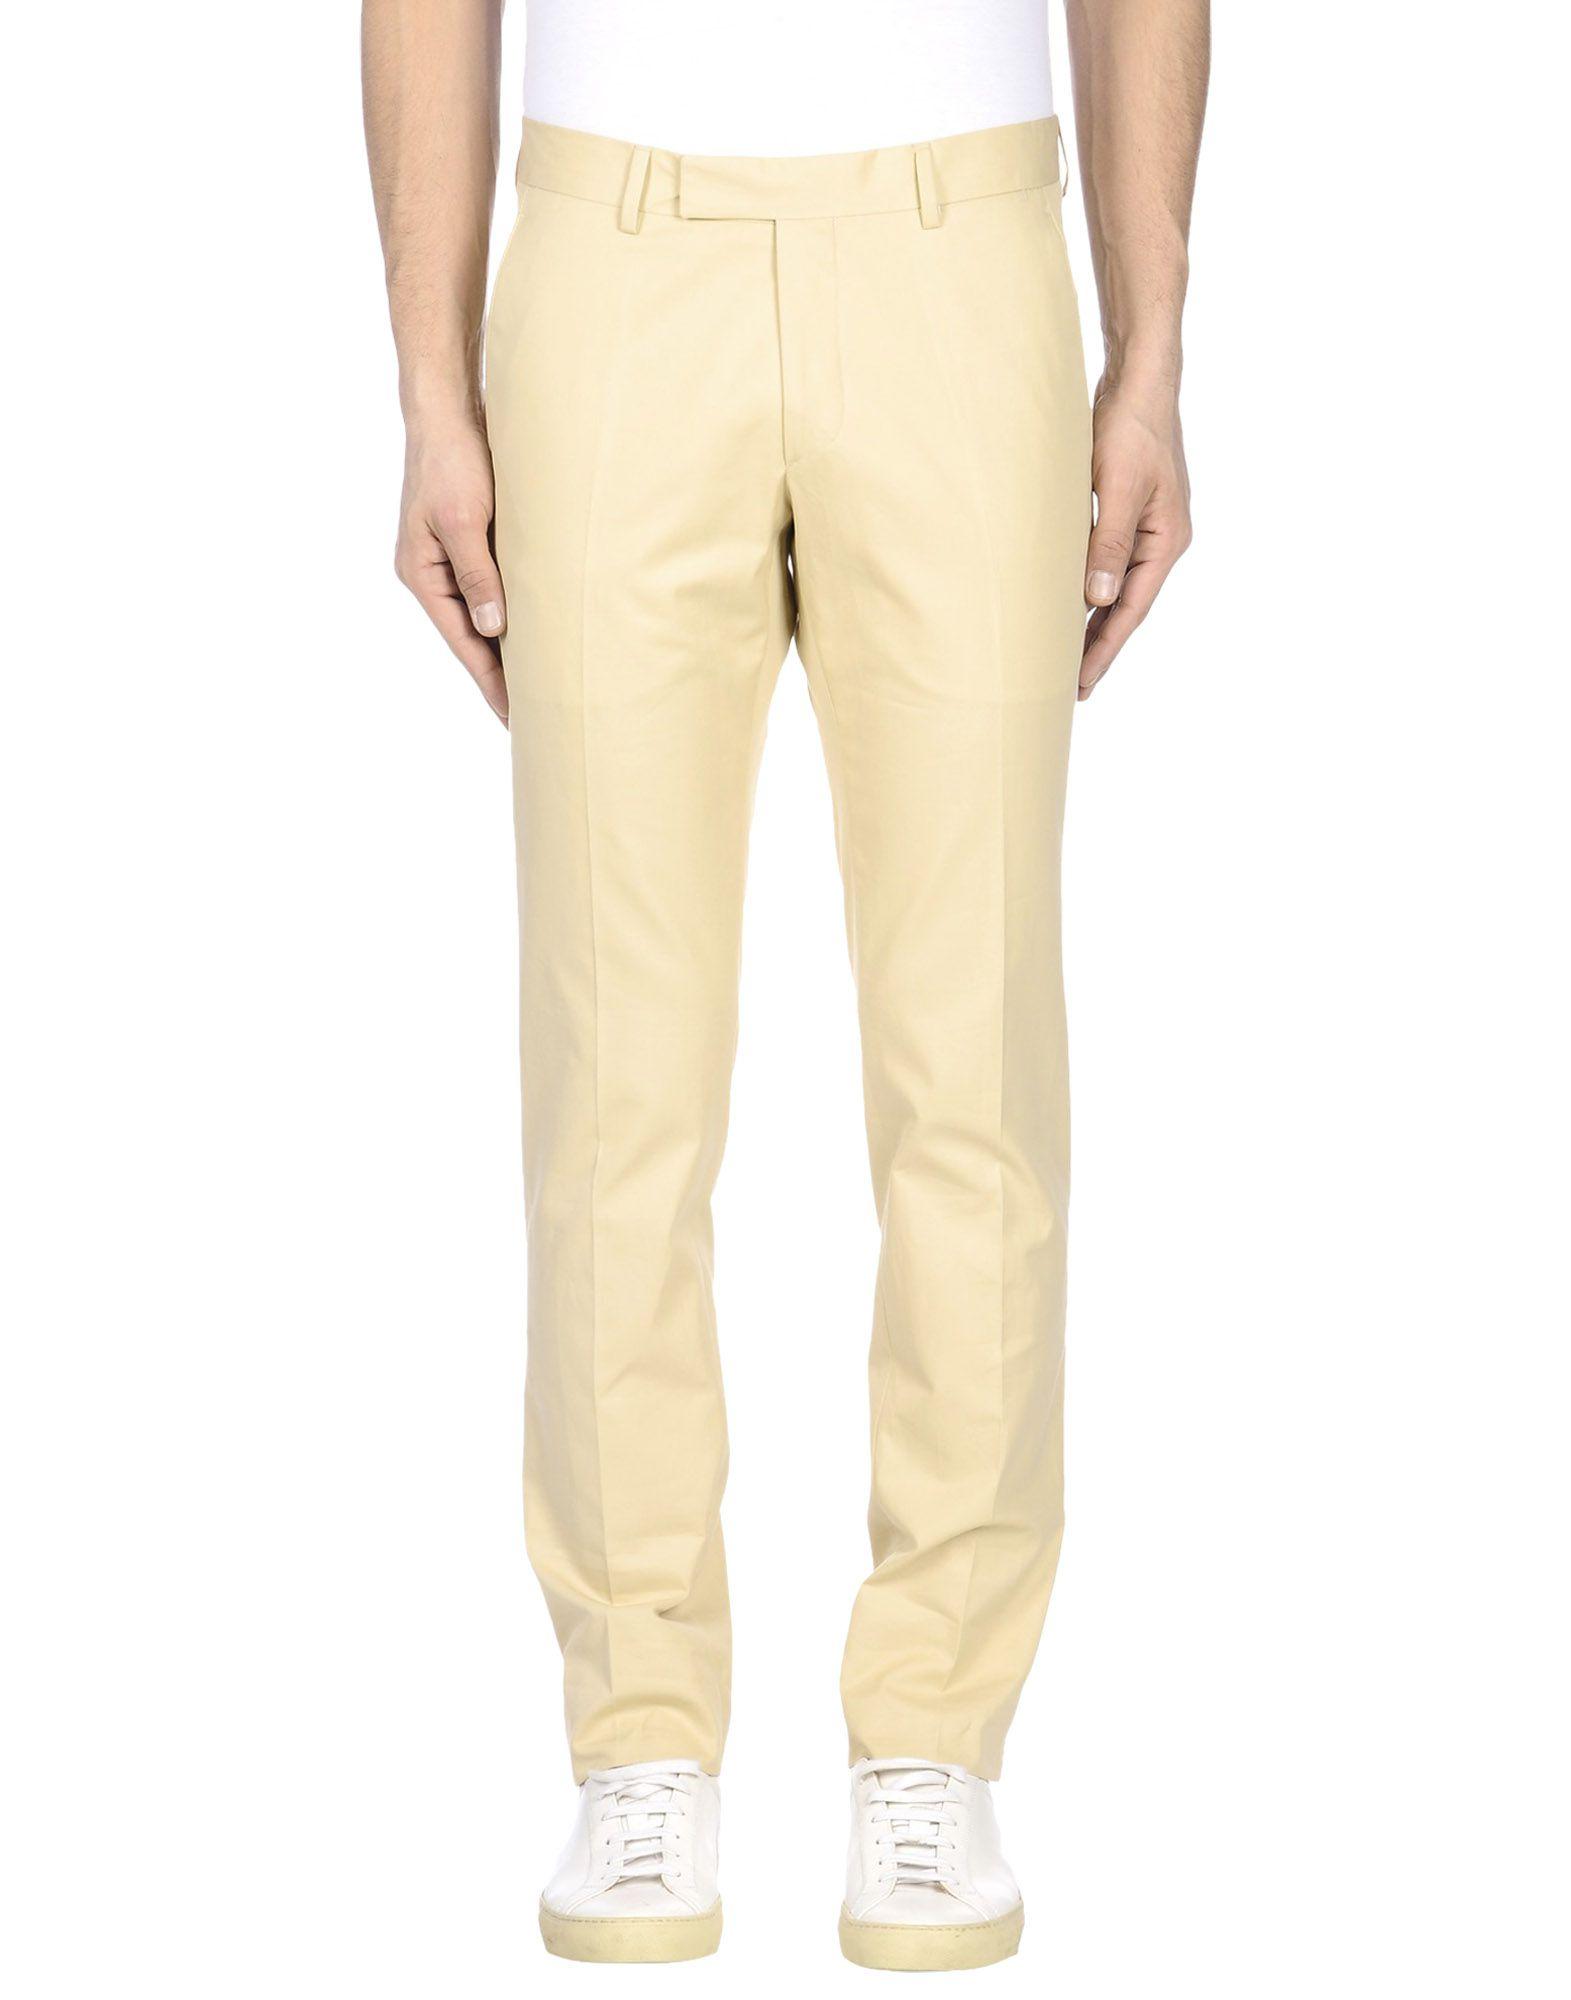 Pantalone Boglioli Uomo - Acquista online su